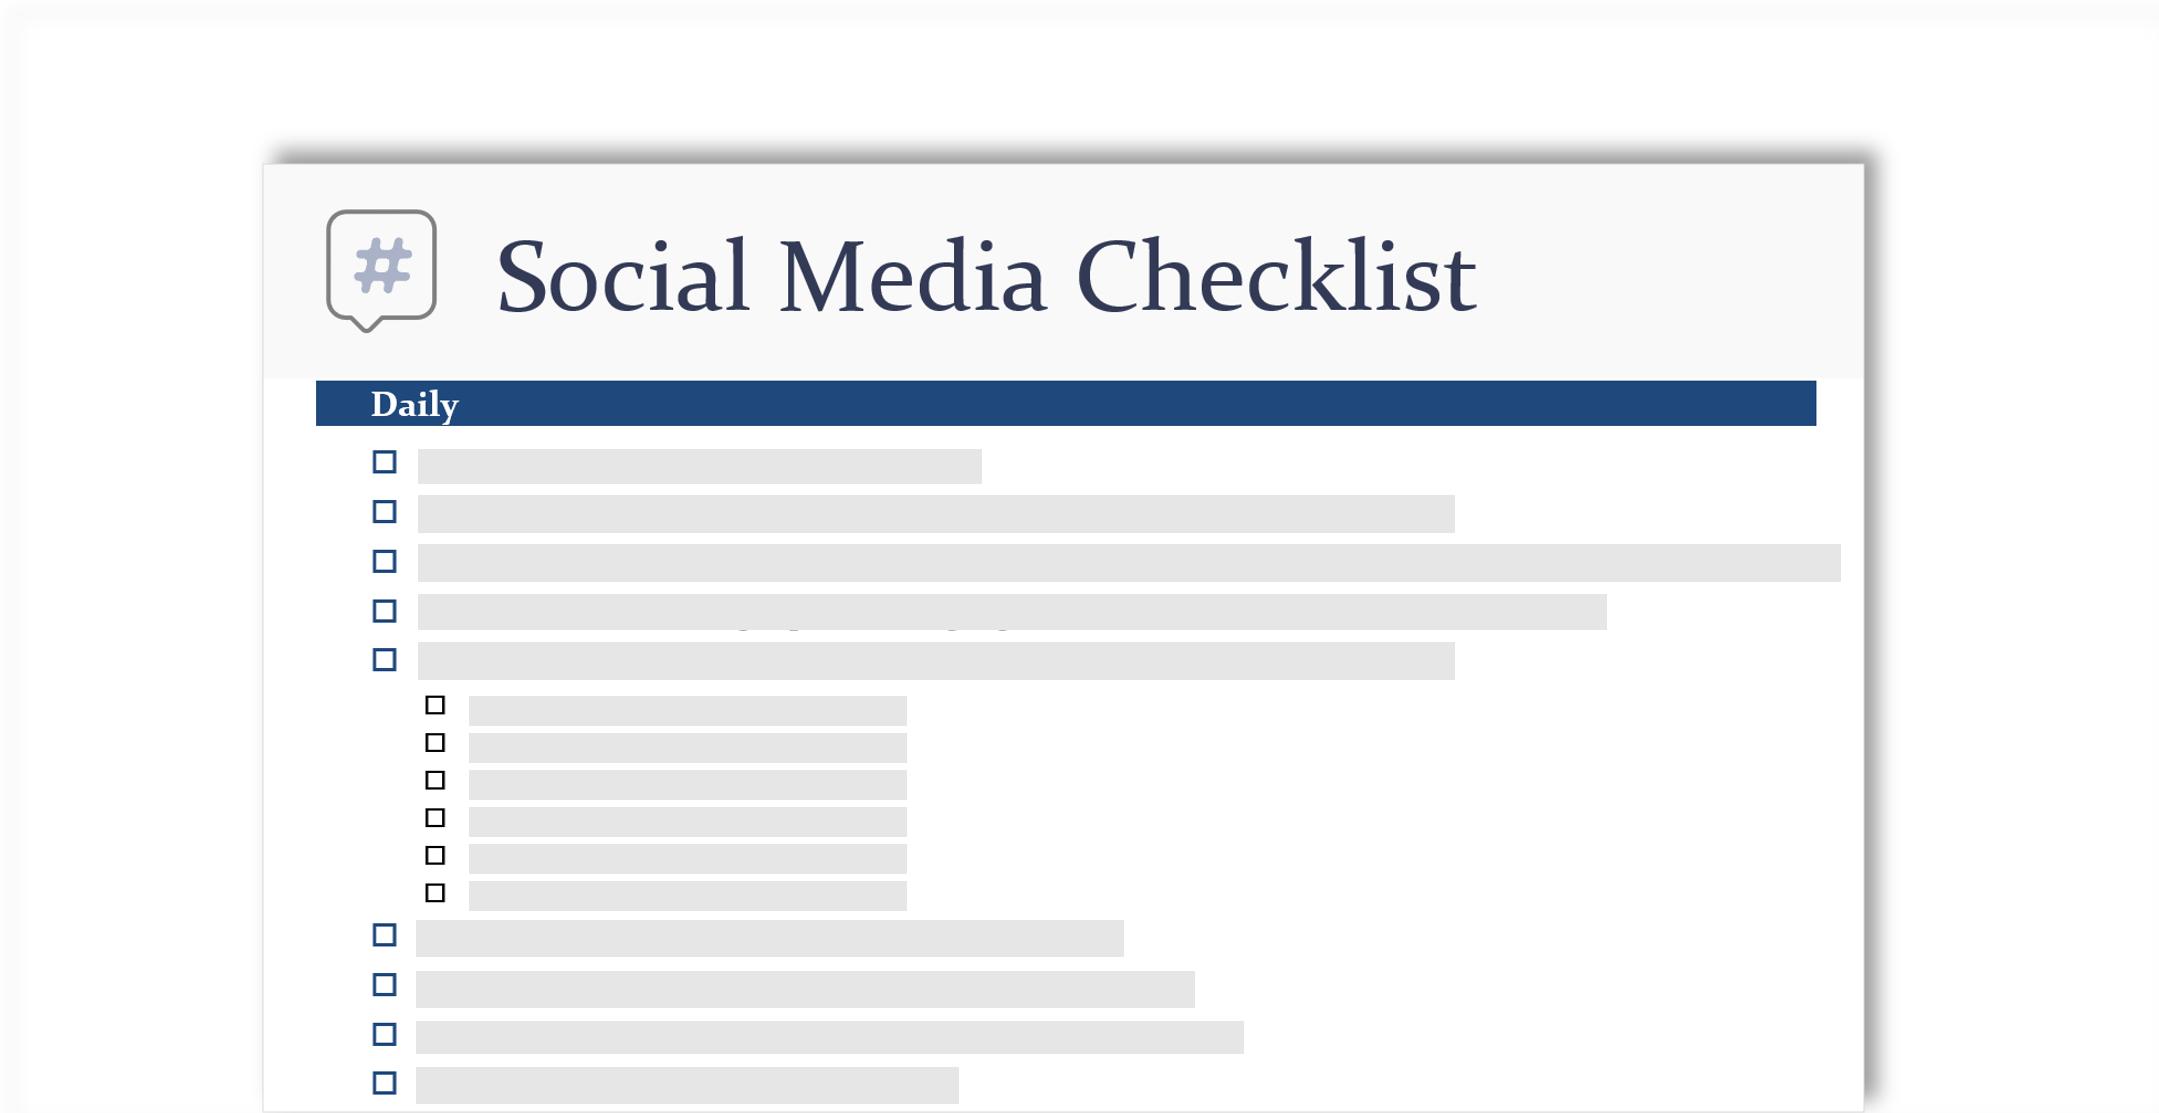 Схематичне зображення соціальні мережі контрольного списку